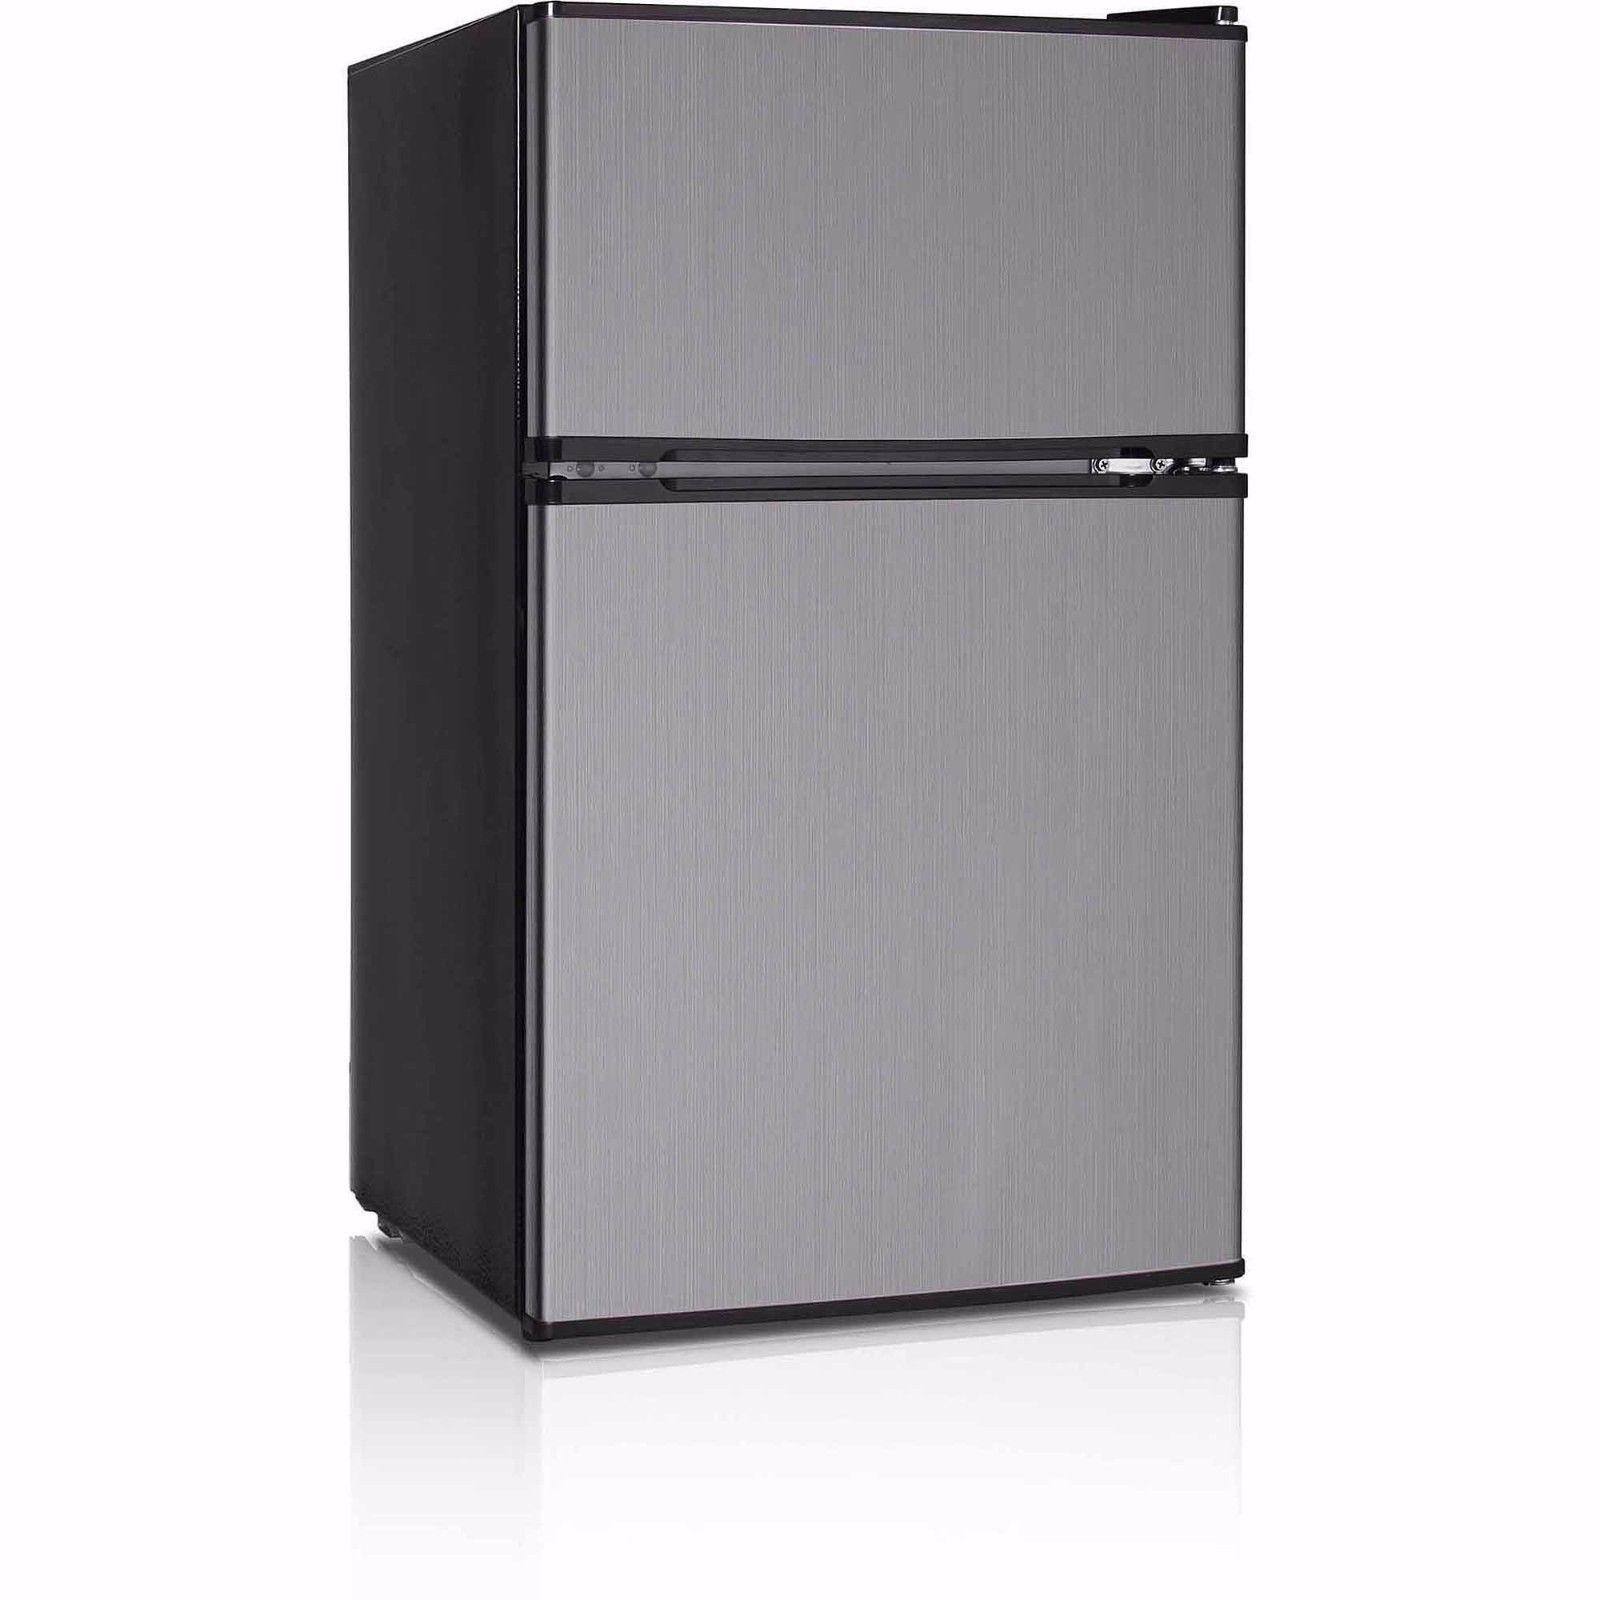 Beko È Una Sottomarca combinati frigo e congelatore | acquisti online su ebay